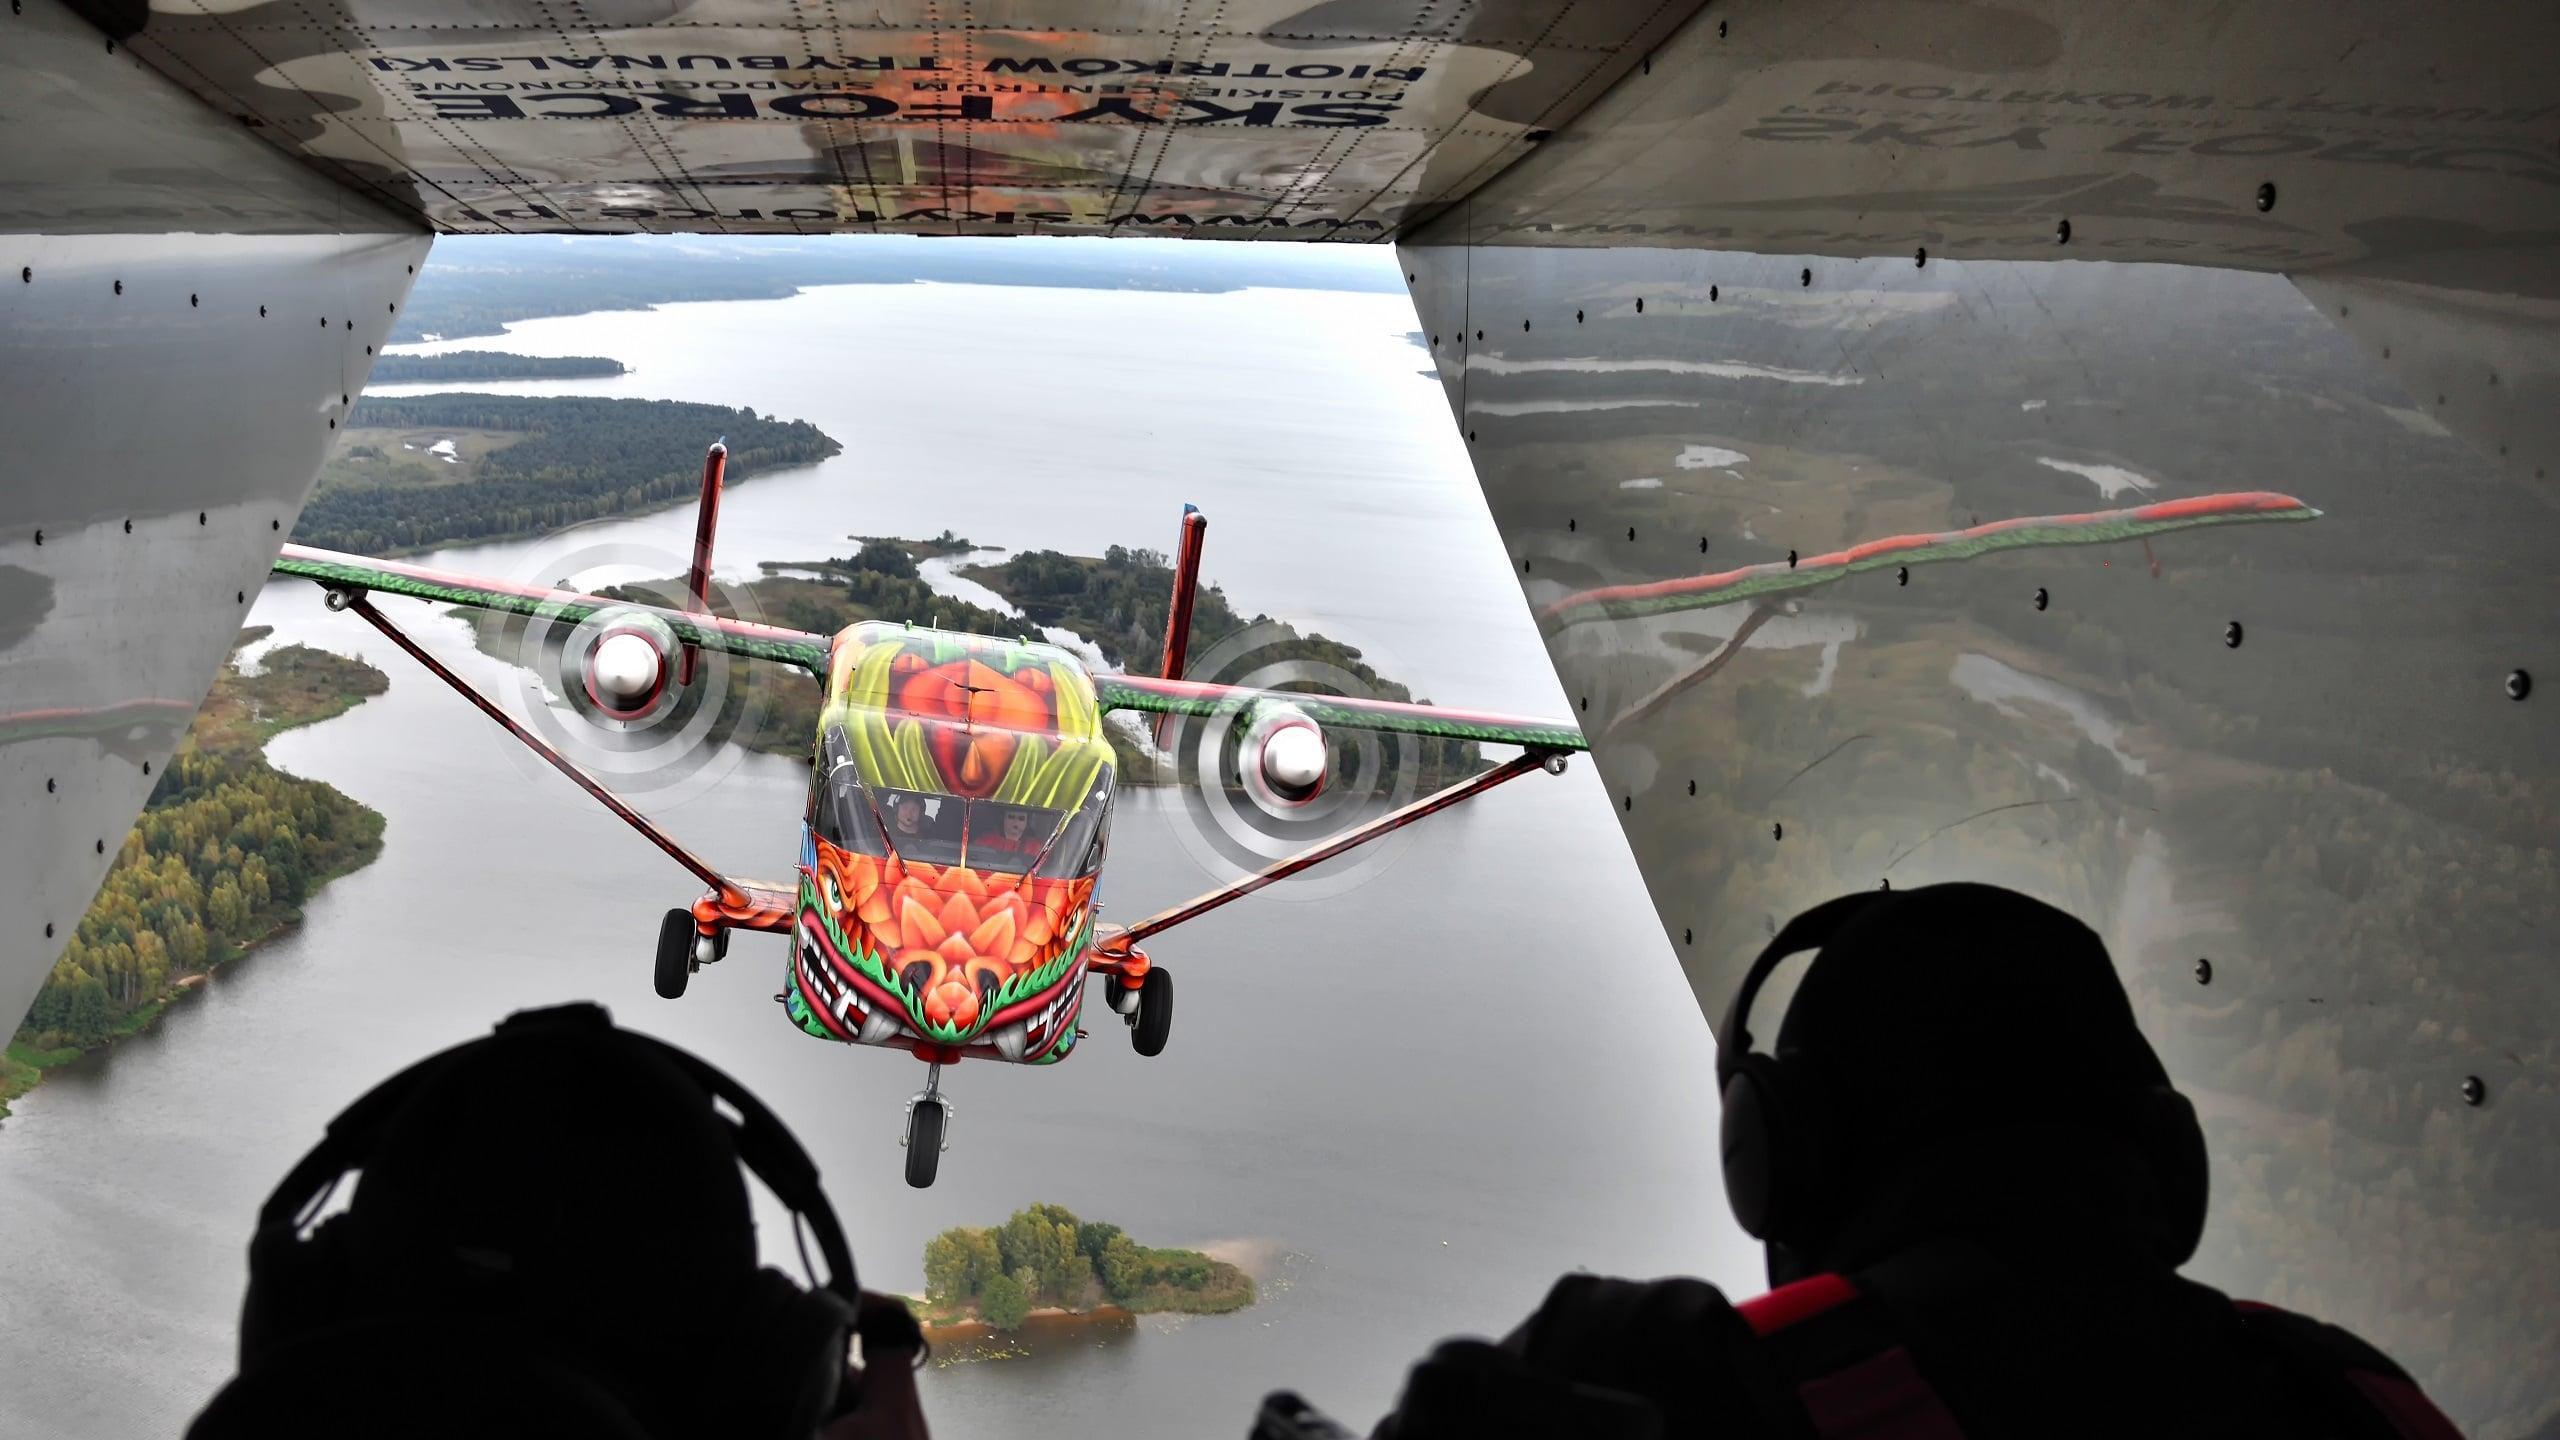 4 s - Samolot